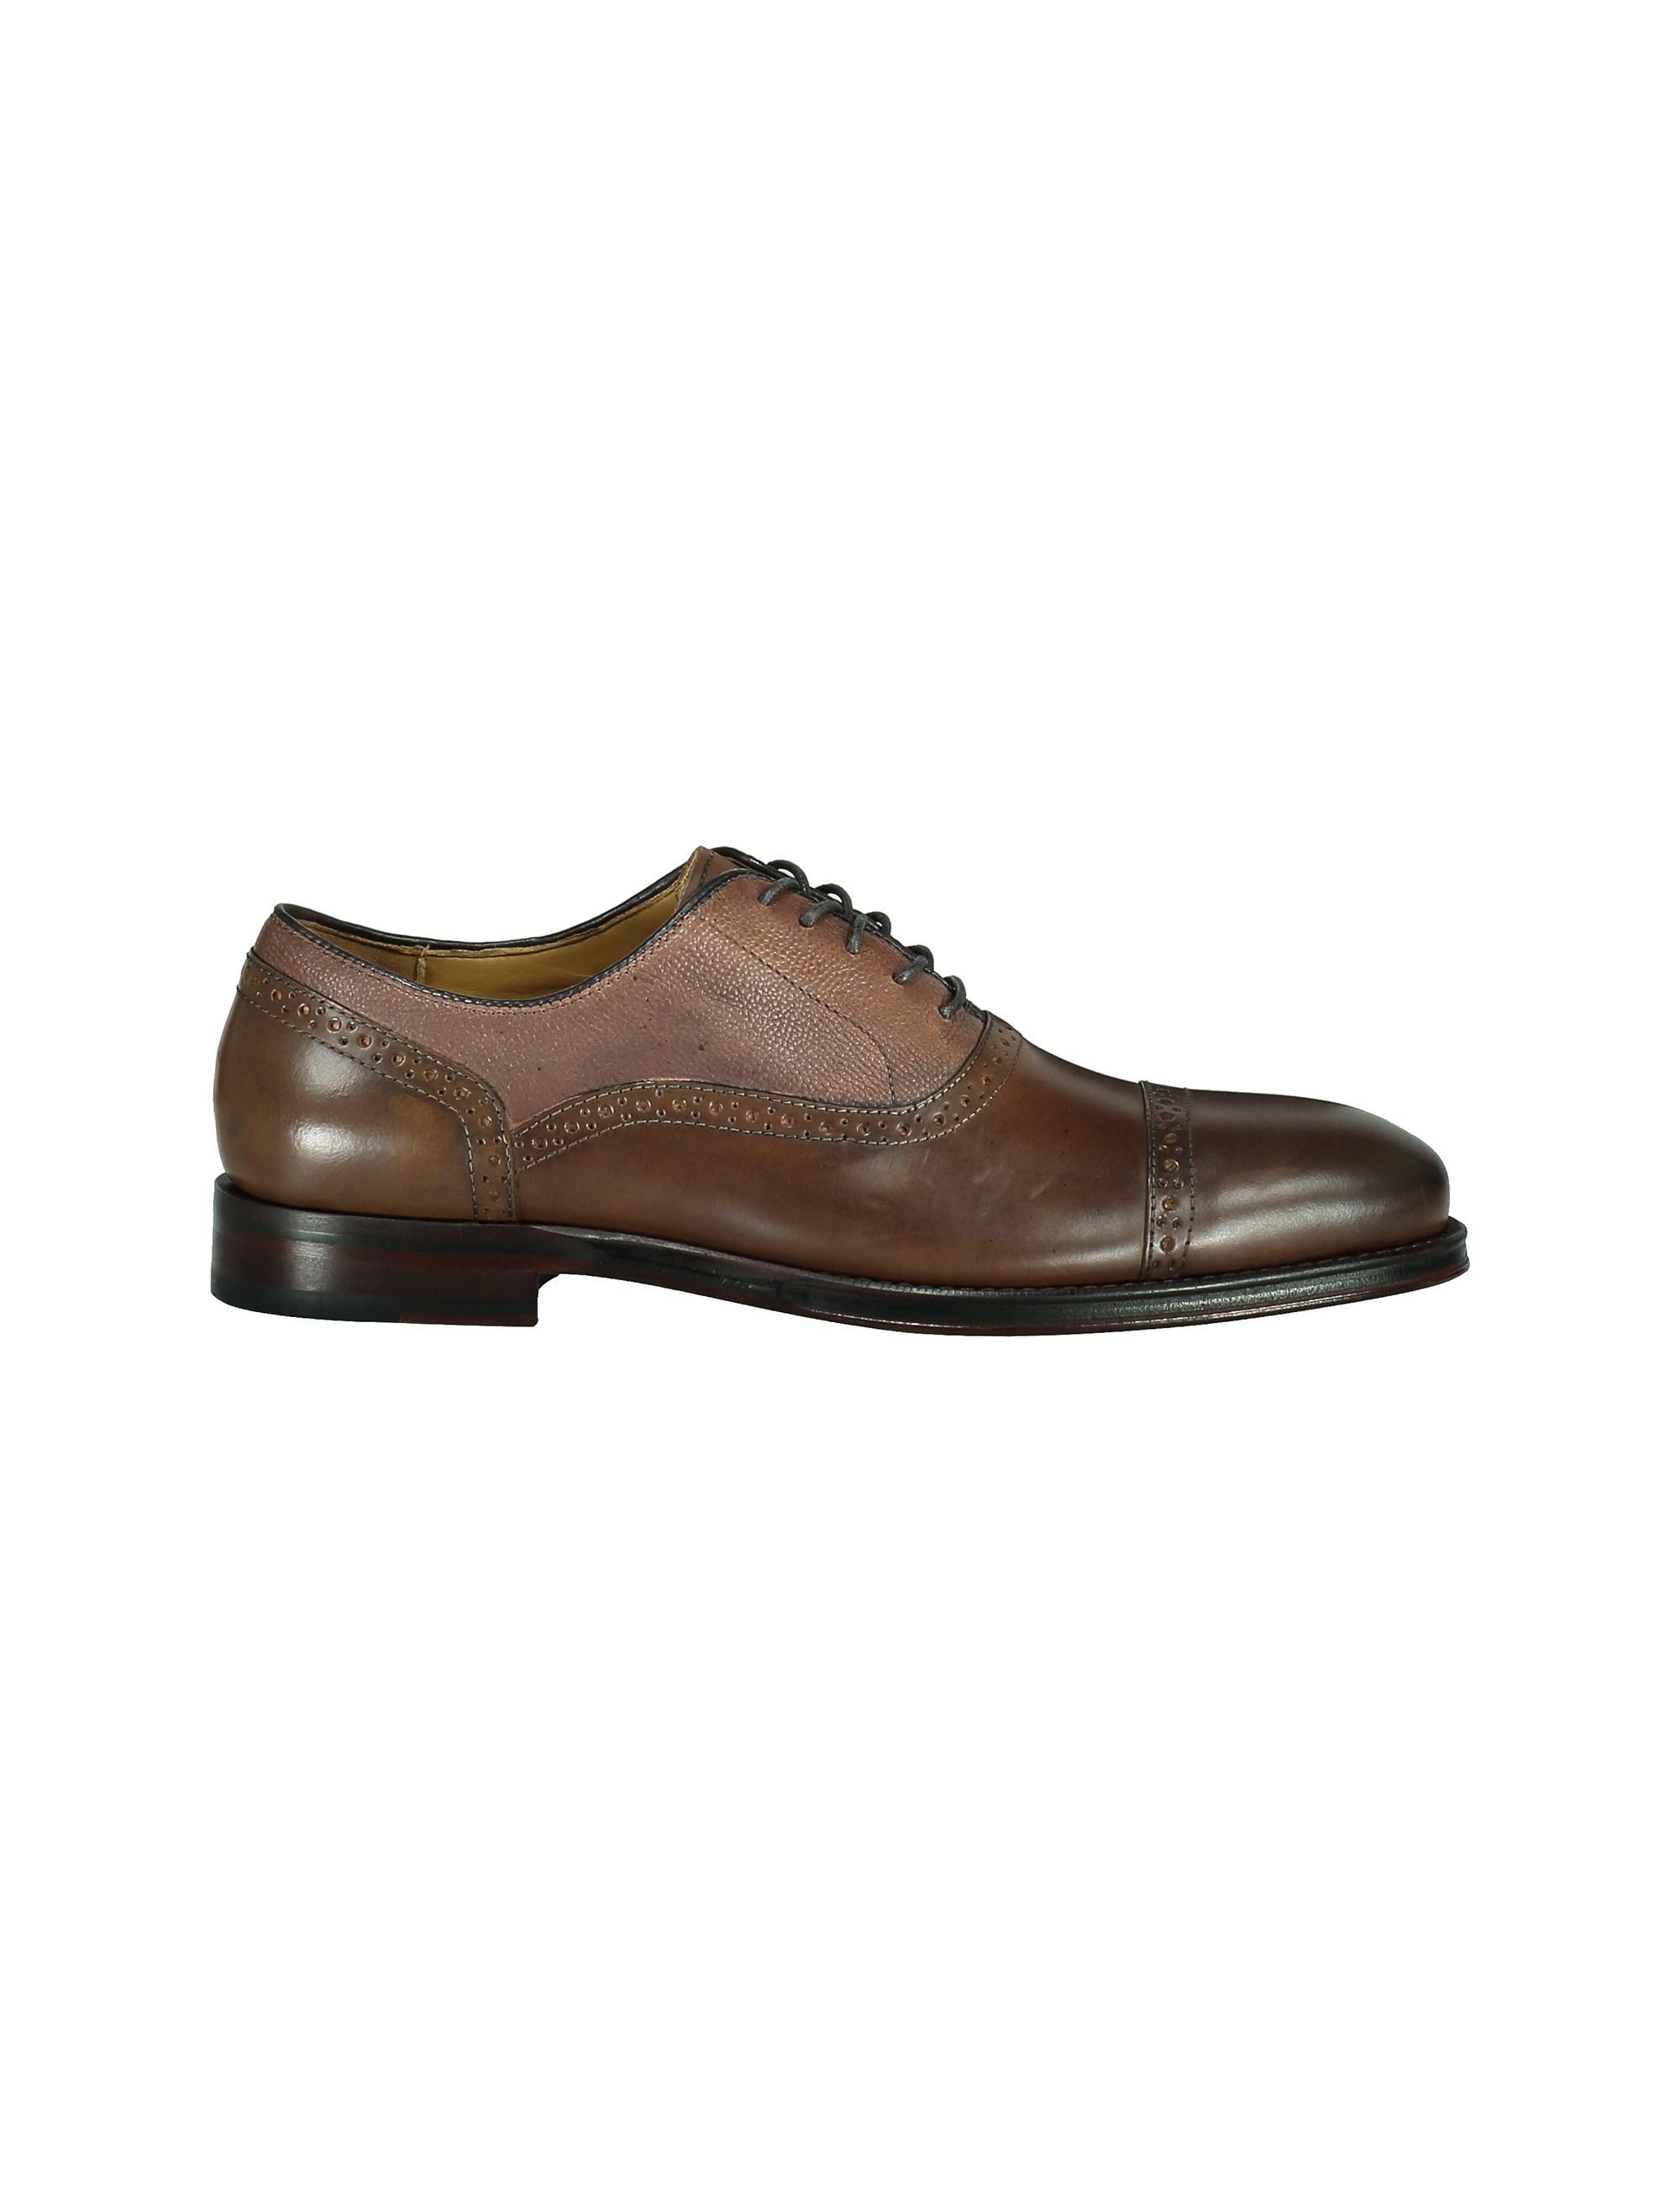 کفش رسمی چرم مردانه - آلدو - قهوه اي - 1